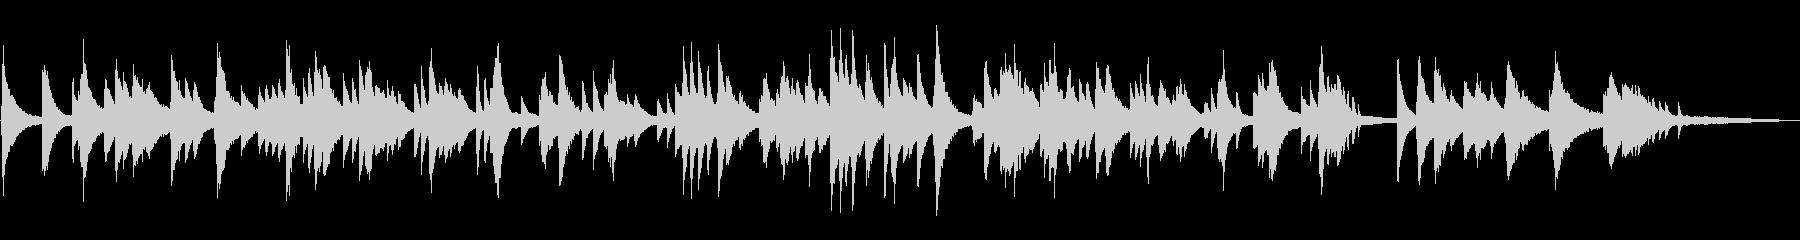 ジャズラウンジ/ゆったりとしたピアノソロの未再生の波形